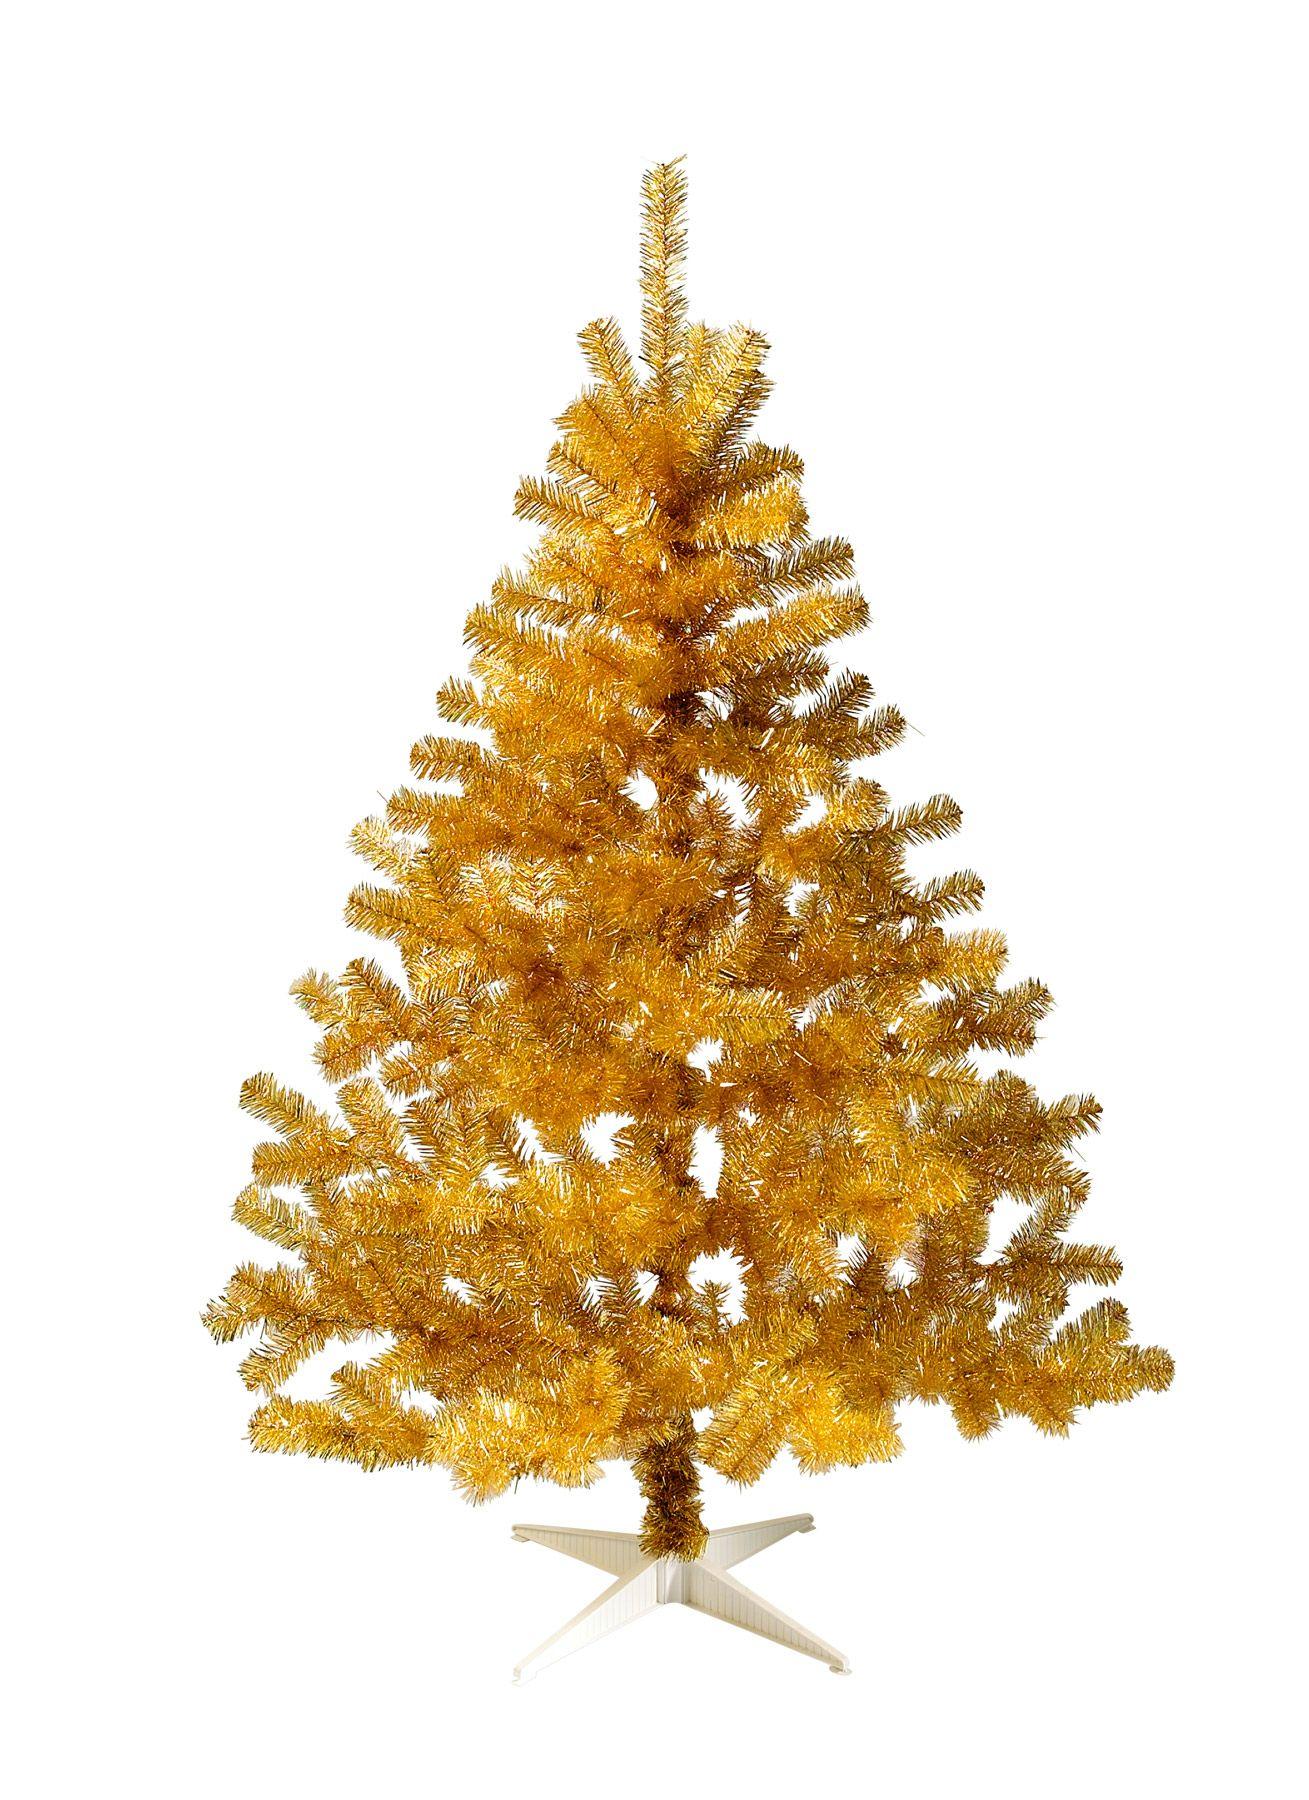 Goldener Weihnachtsbaum Goldener Weihnachtsbaum | für Ihre Dekoration | Weihnachtsbaum